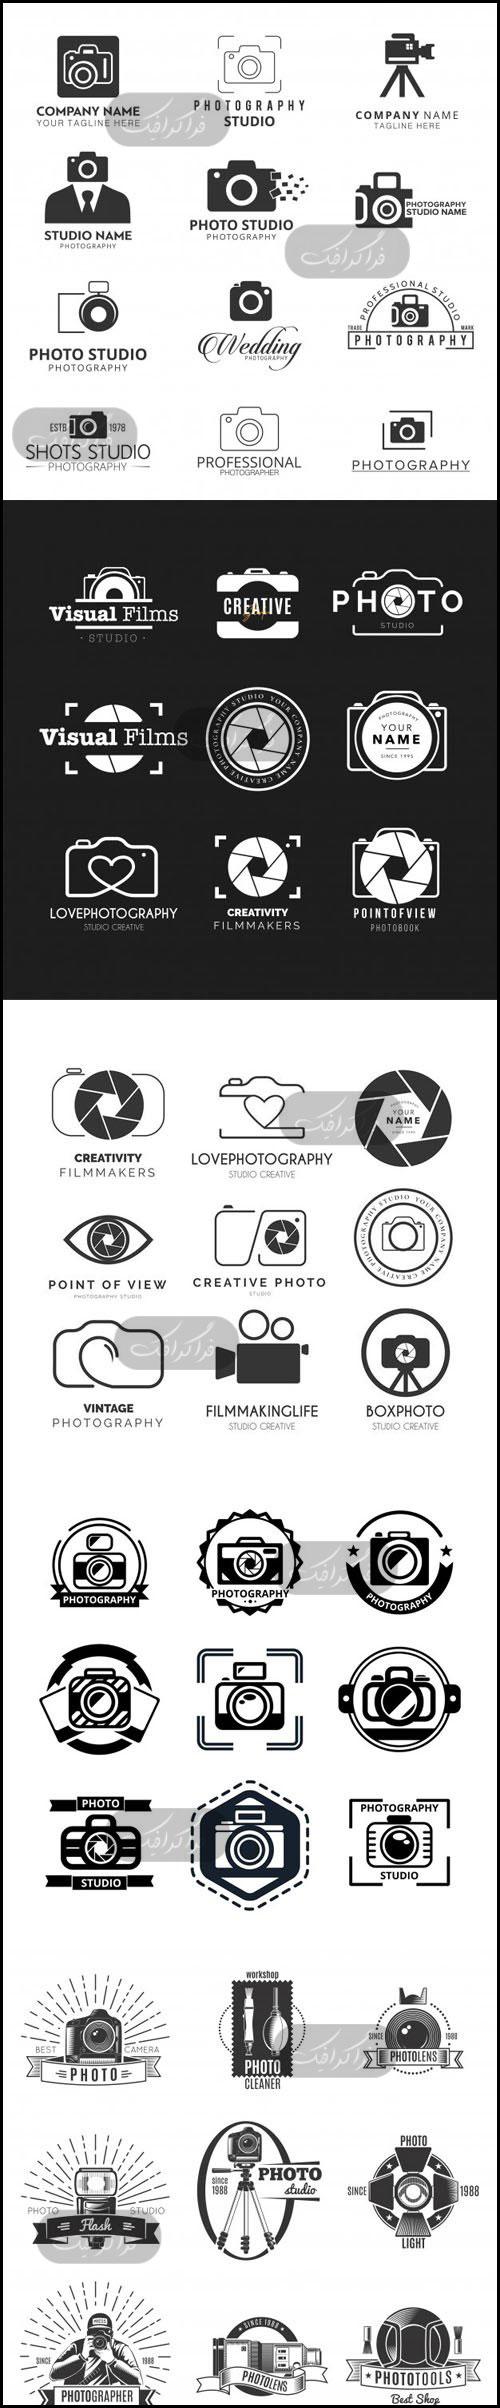 دانلود لوگو های عکس و دوربین عکاسی - شماره 8